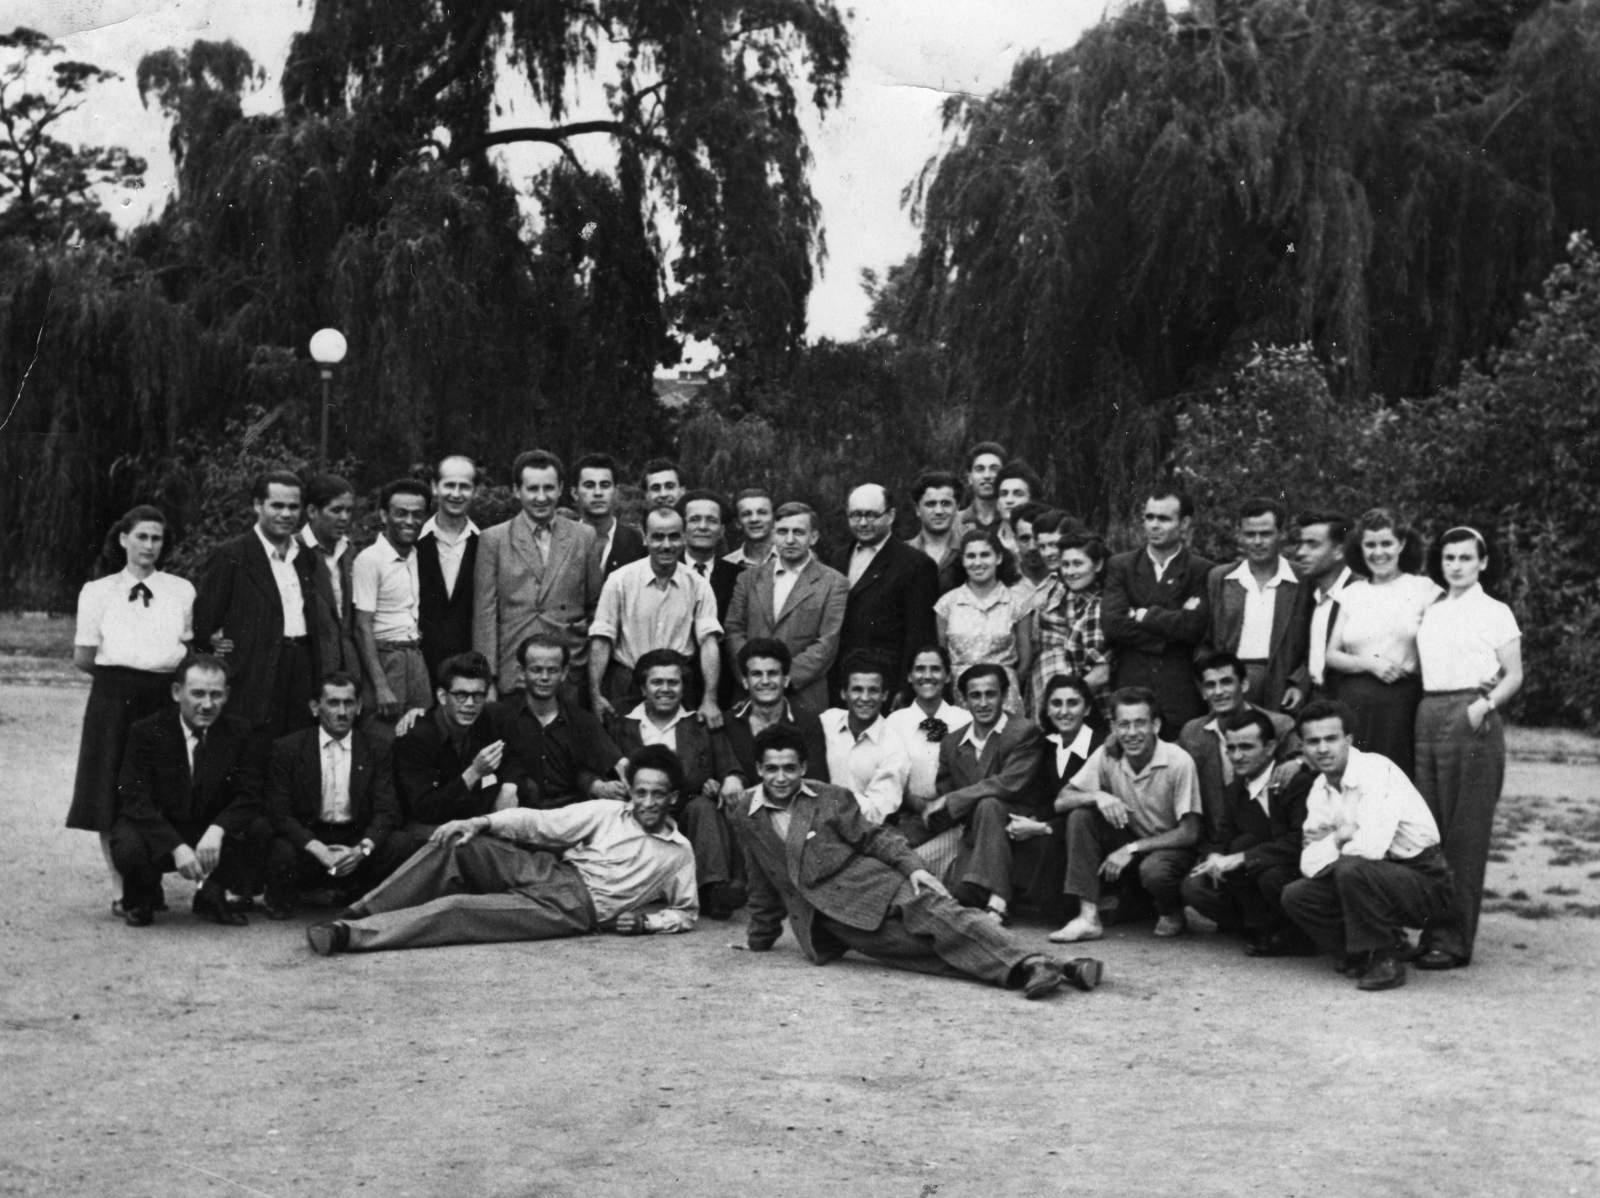 Nedatovaný společný snímek z konference řeckých učitelů, G. Pagunadis ve stojící řadě druhý zleva. © Rodinný archiv Afroditi Ioannidu.